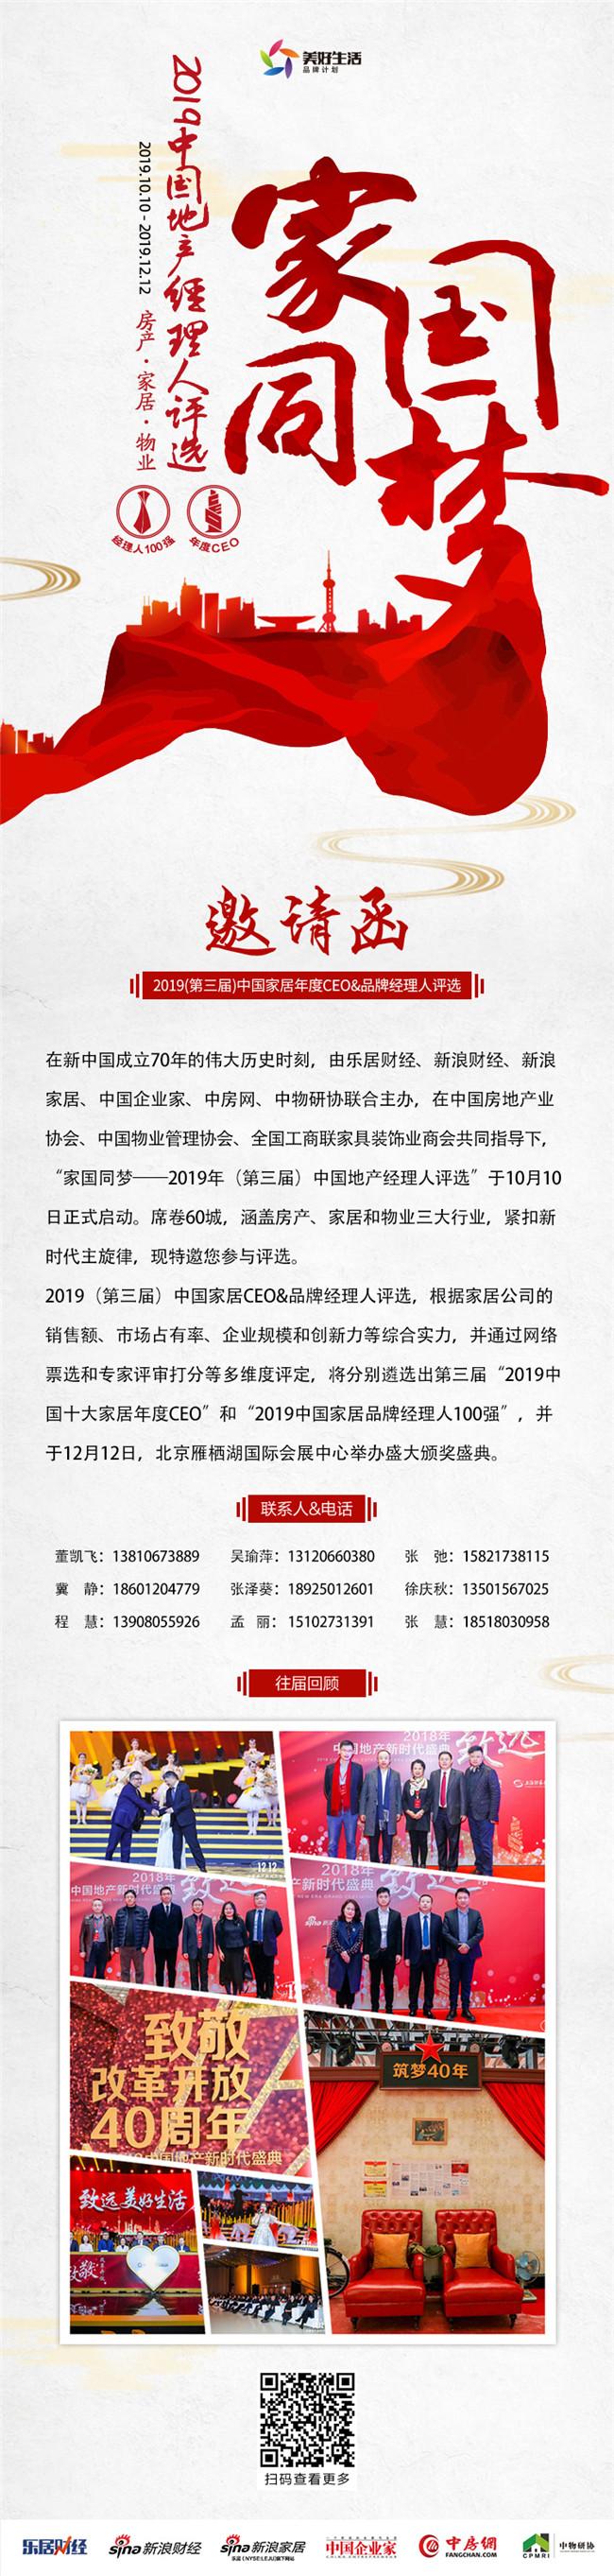 快讯:法恩莎卫浴霍伟潮获提名参选2019中国家居品牌经理